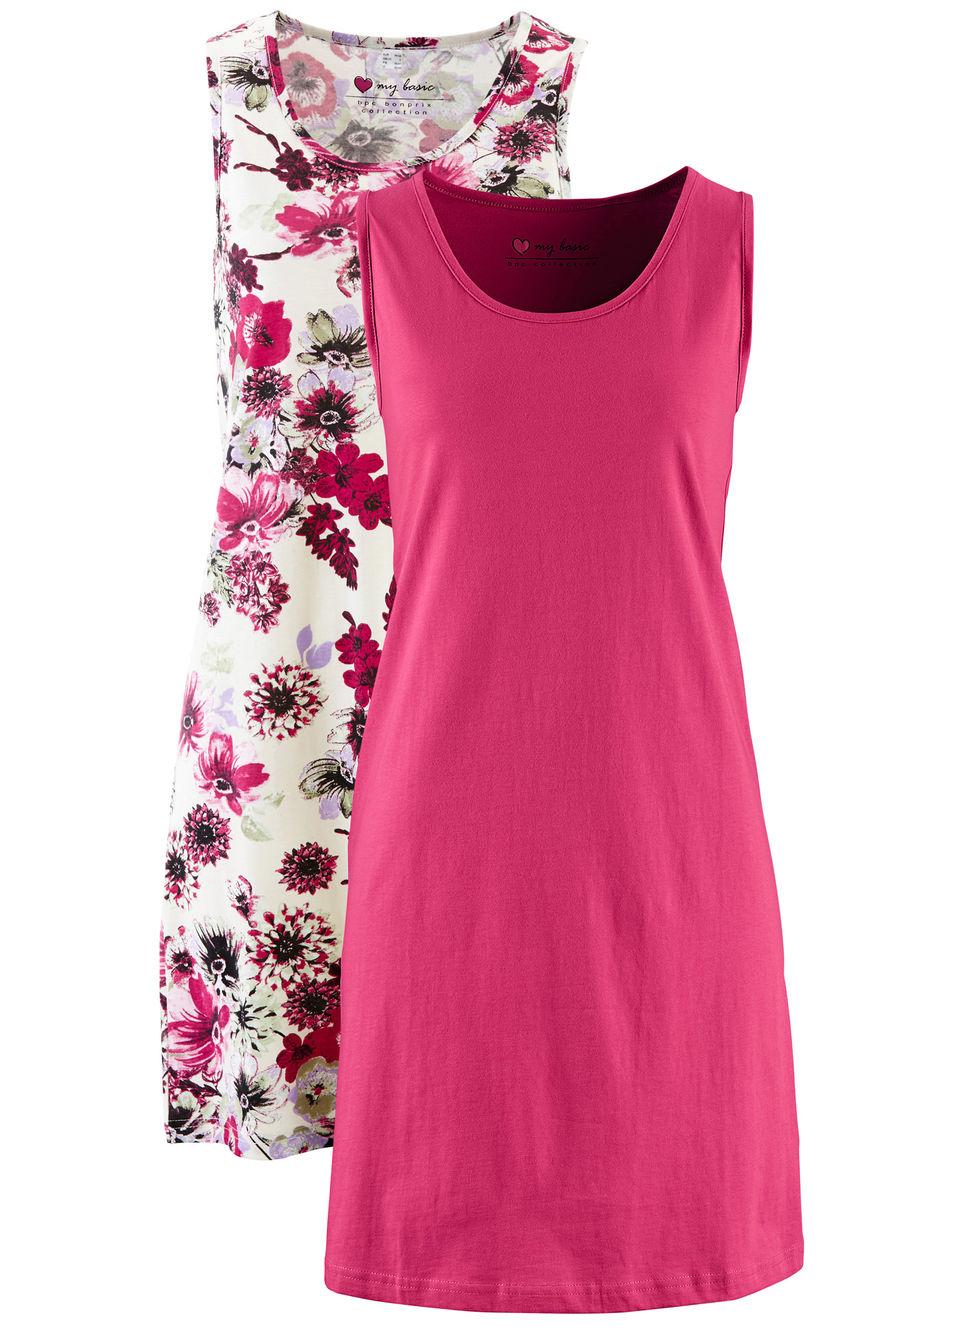 Трикотажное платье (2 шт.)